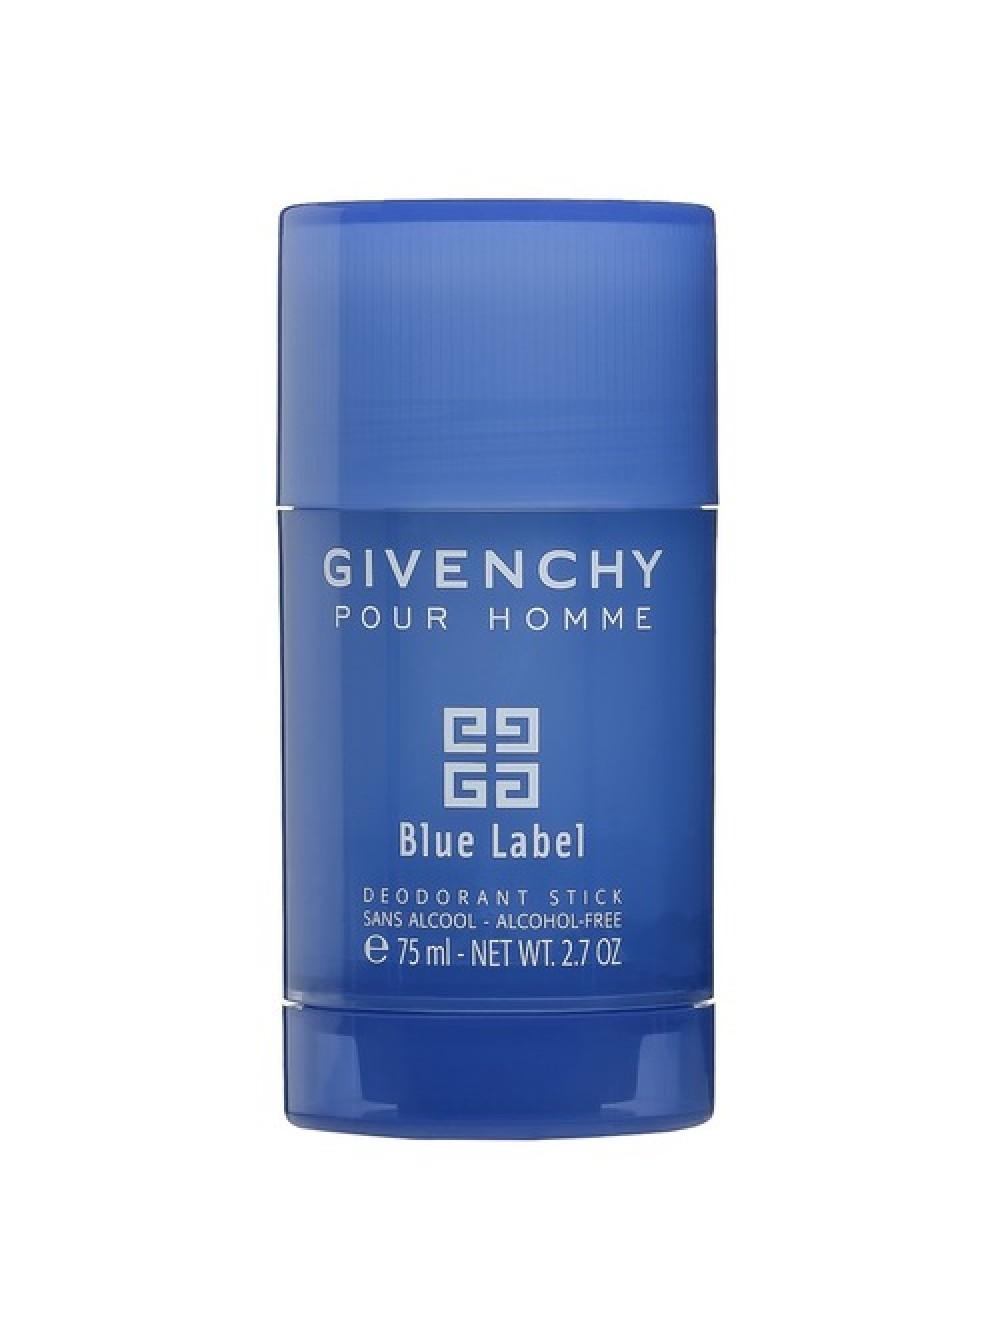 купить Givenchy Blue Label Pour Homme стиковый дезодорант 75 мл в